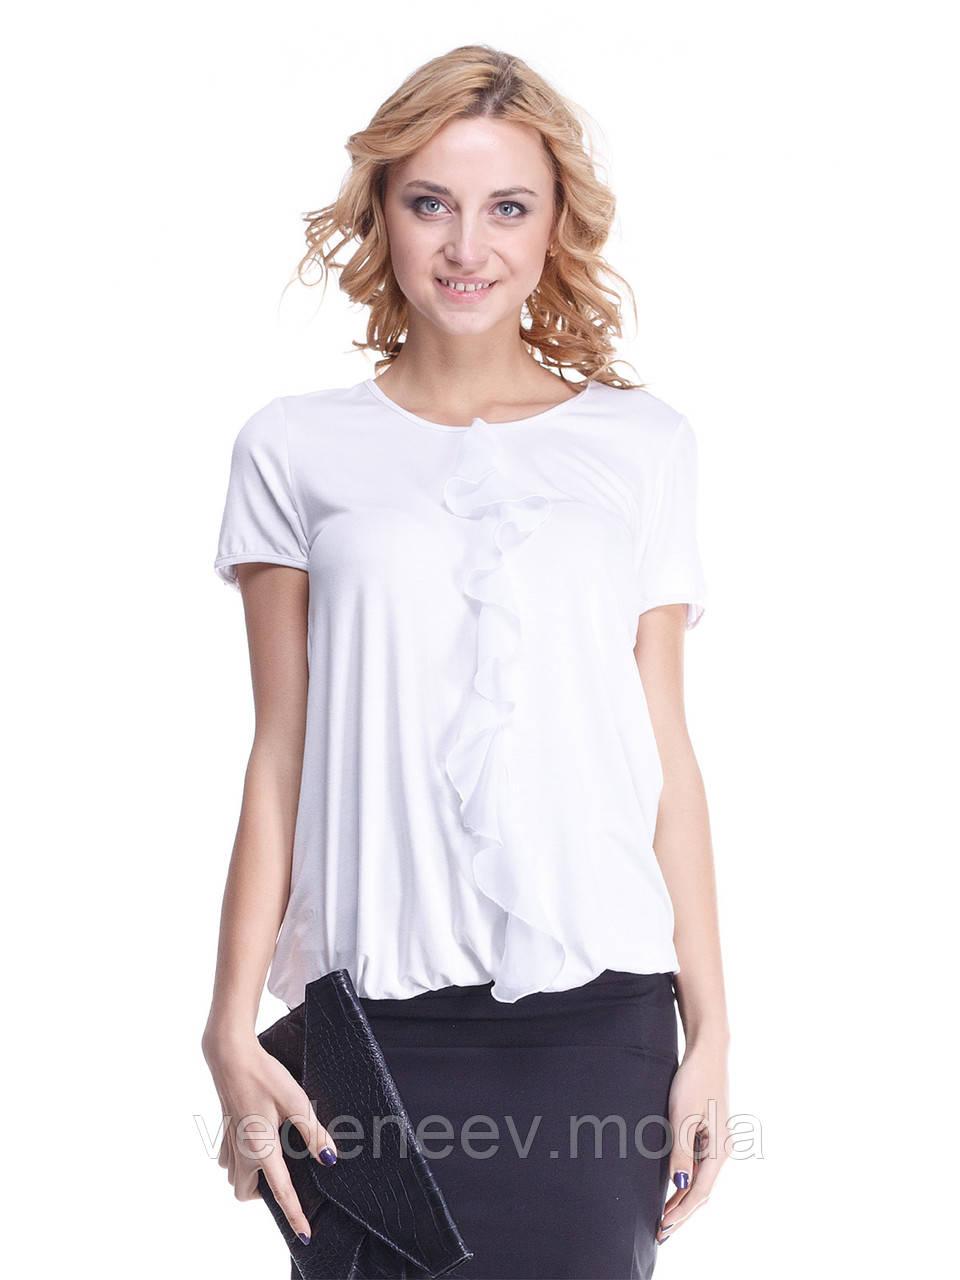 Блуза Ирма белая с белым шифоновым воланом